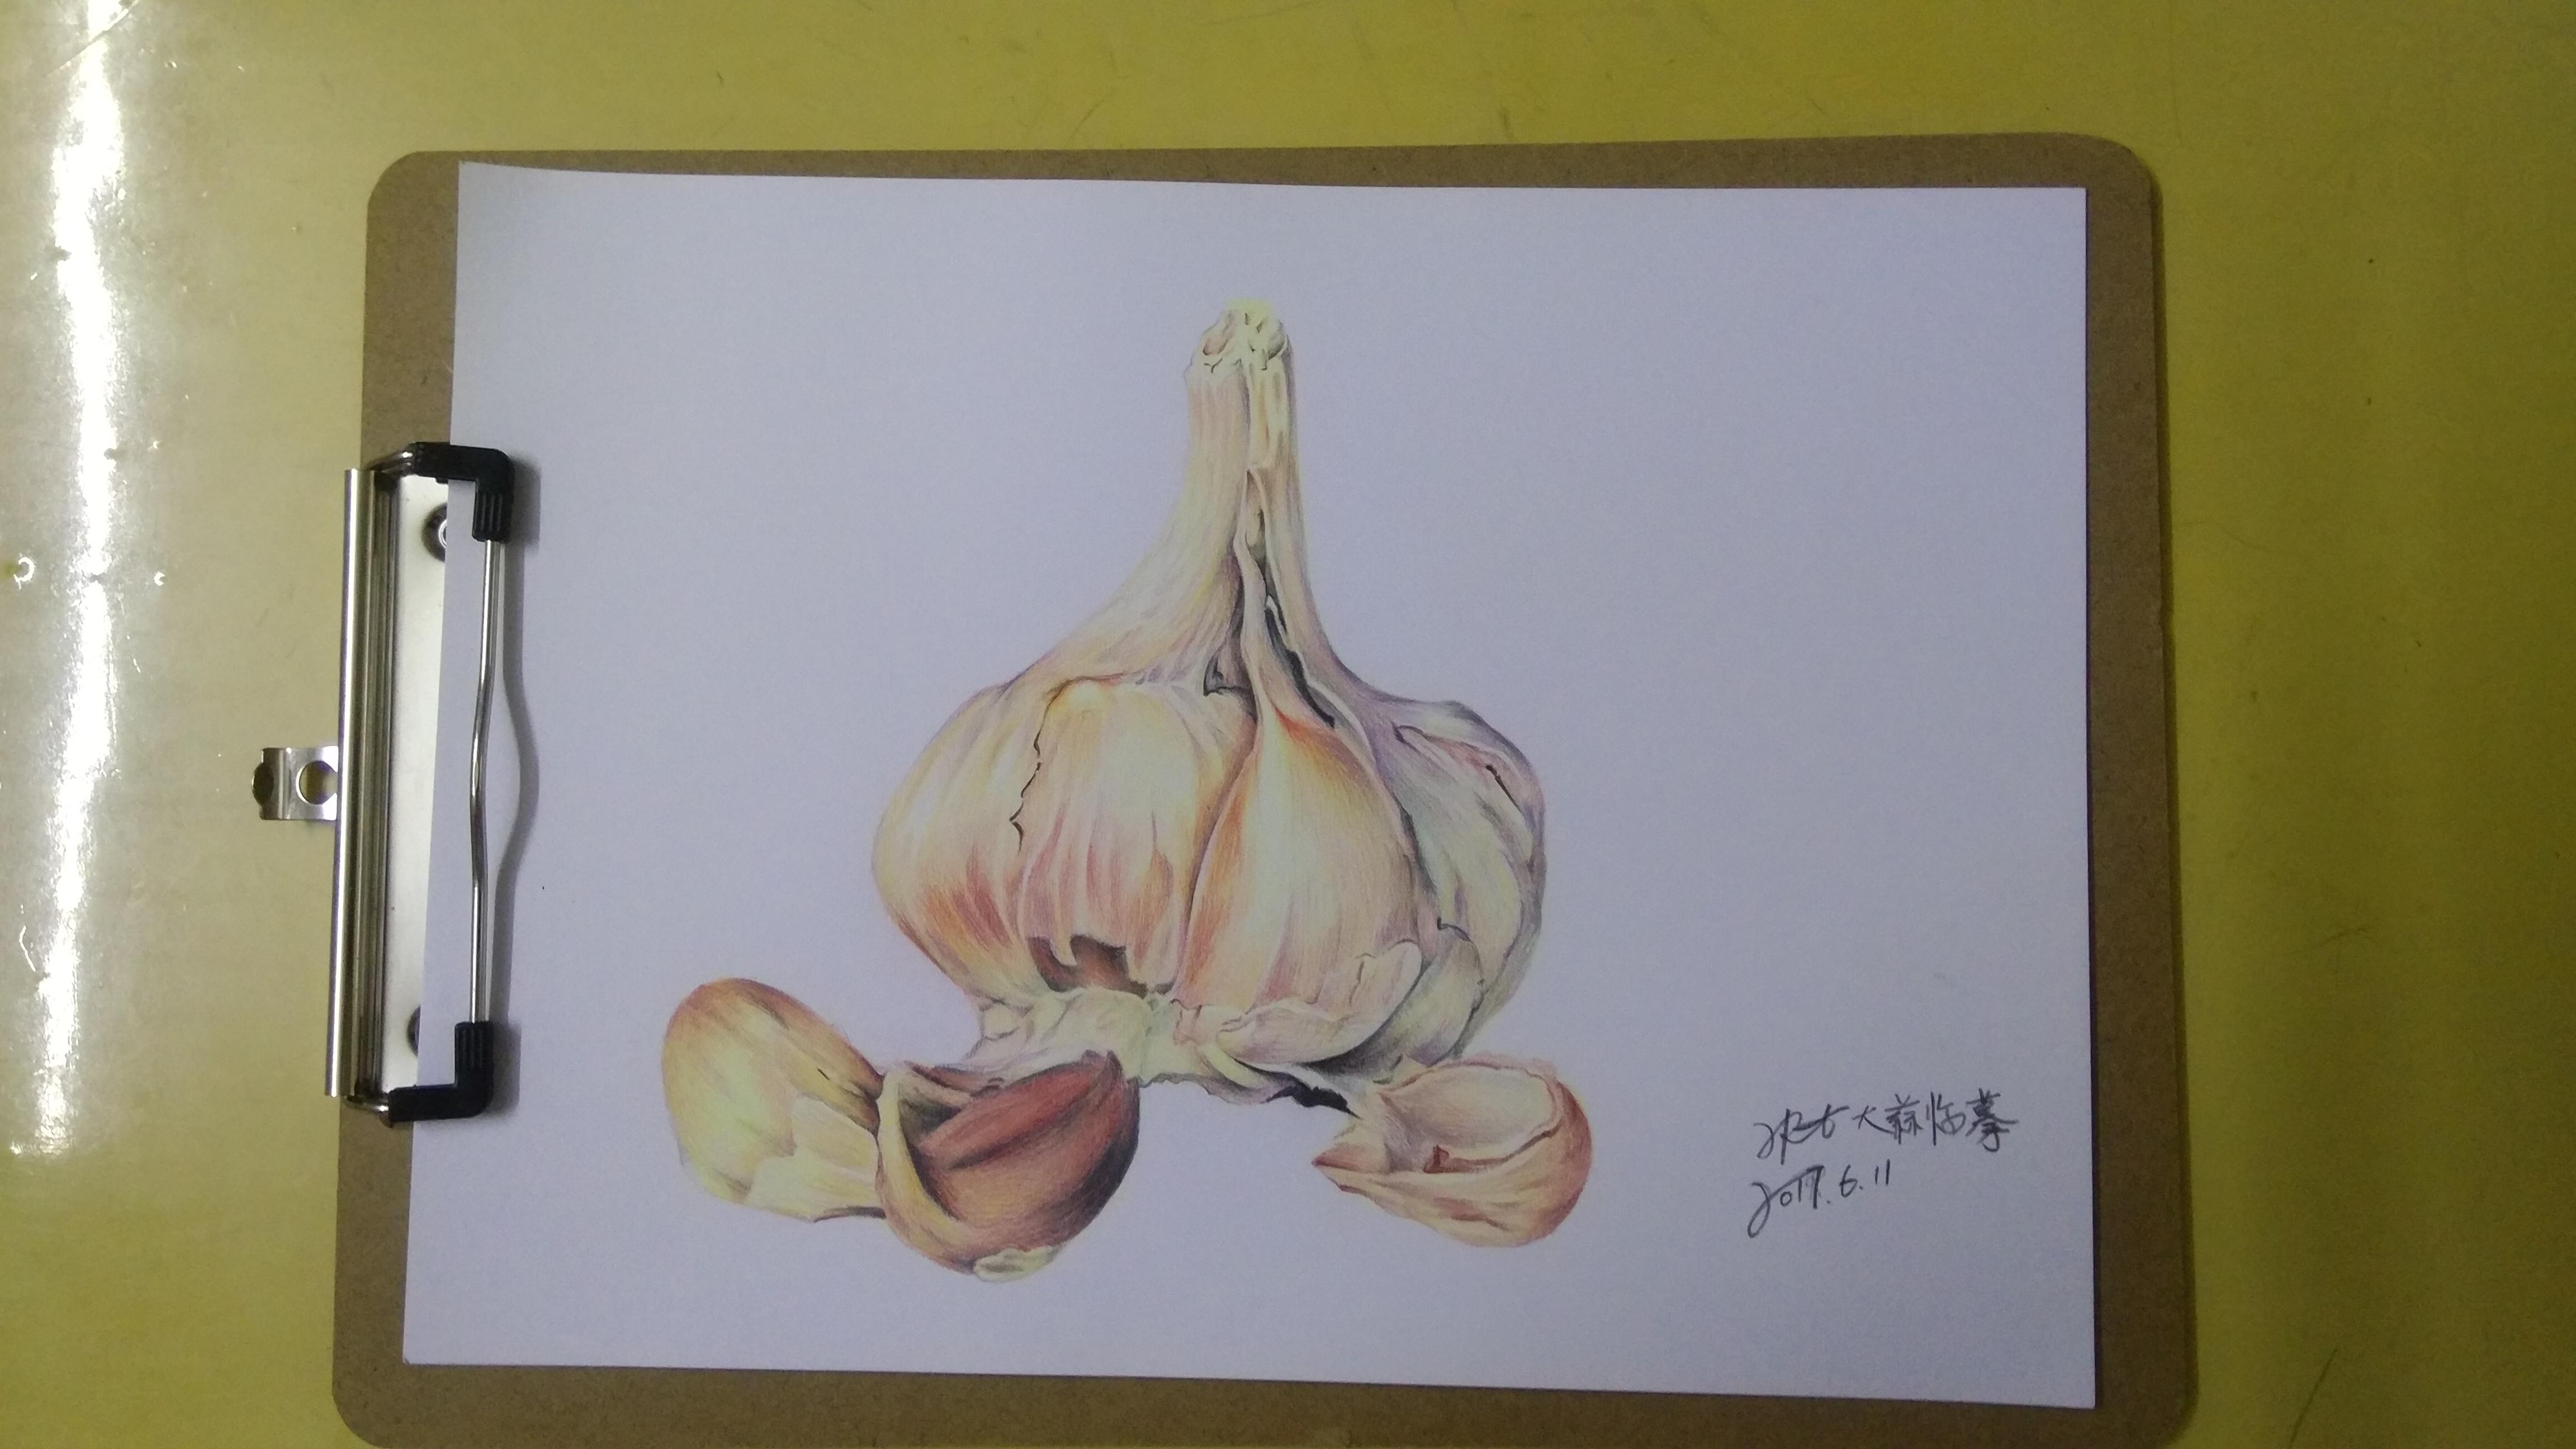 大蒜生长观察记录手绘